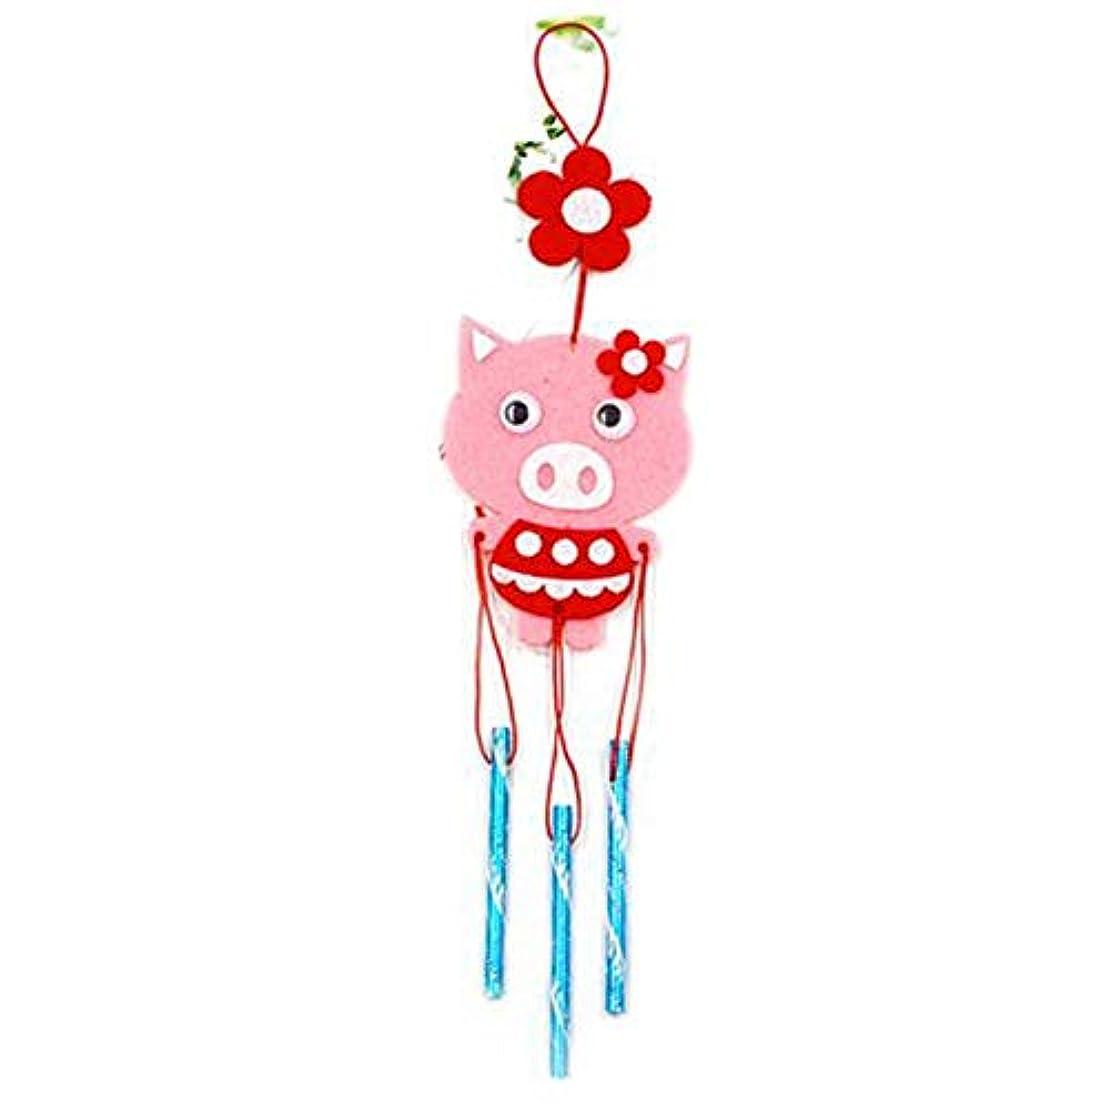 ラメ寄付テーマFengshangshanghang 風チャイム、クリエイティブ手作りDIY生産資材パッケージ風チャイム、パープル、全身について35CM,家の装飾 (Color : Pink)